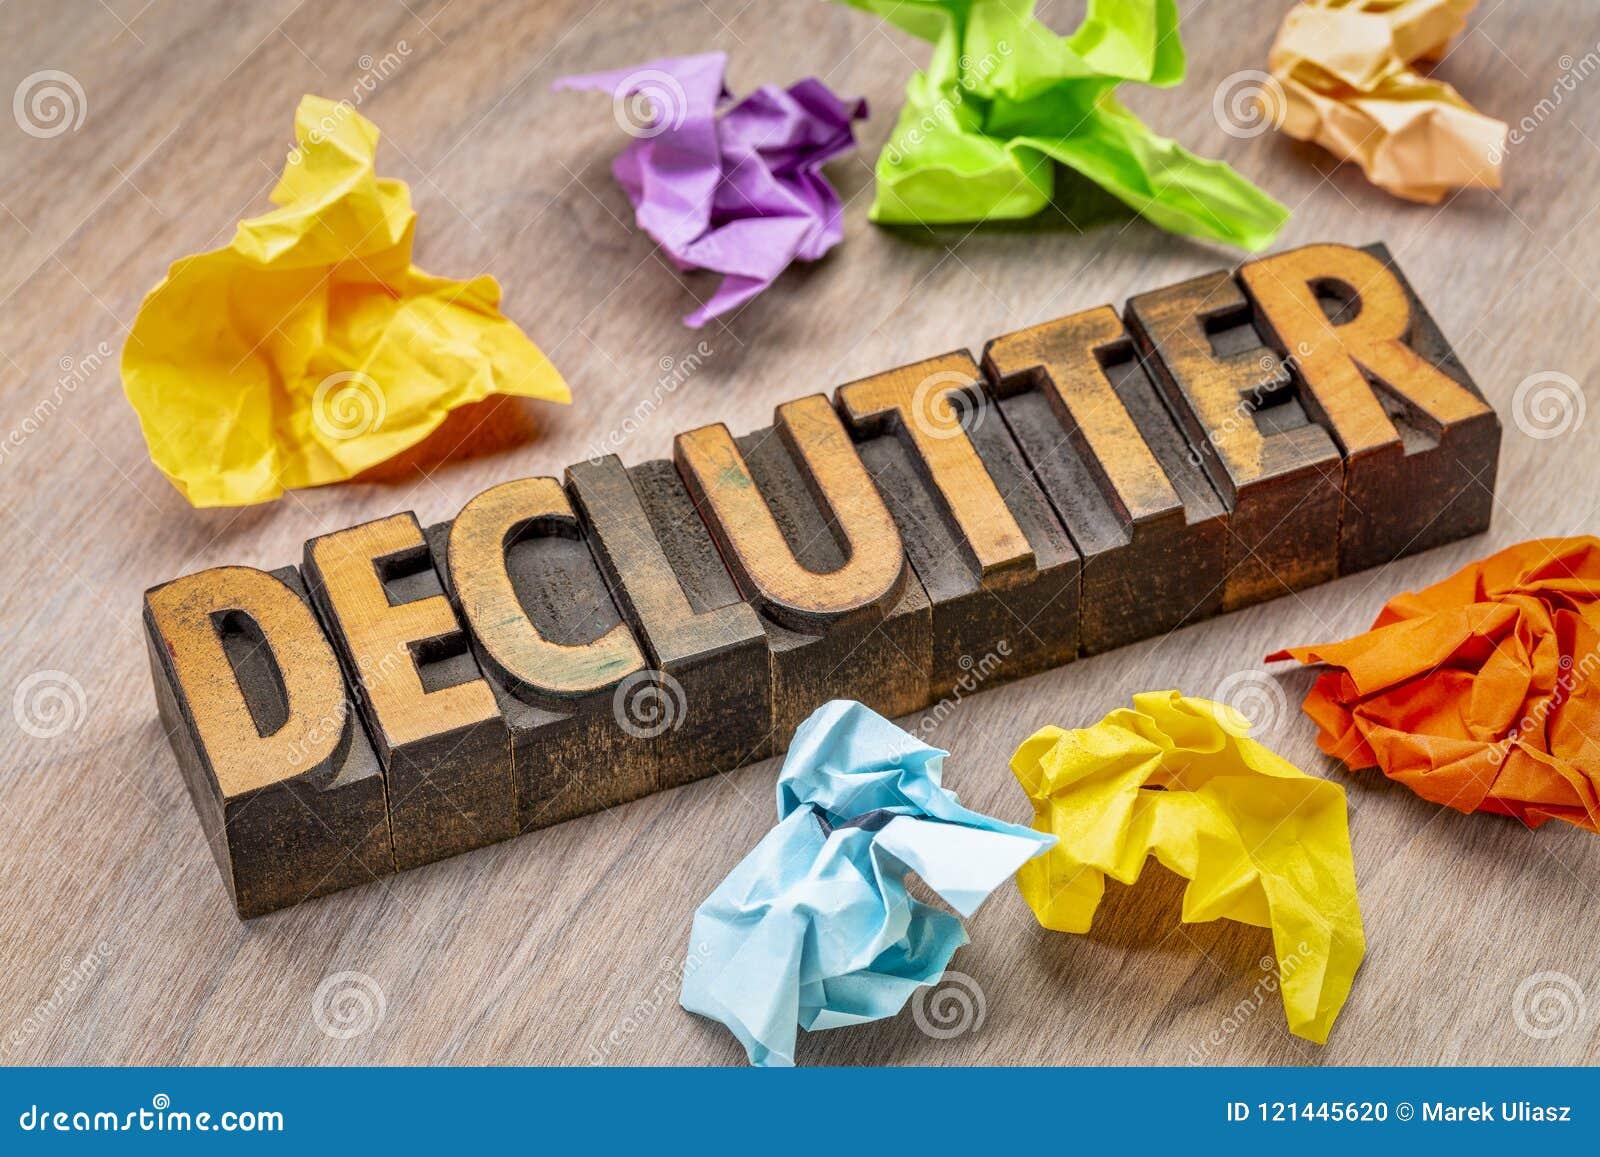 Sumário da palavra de Declutter no tipo de madeira